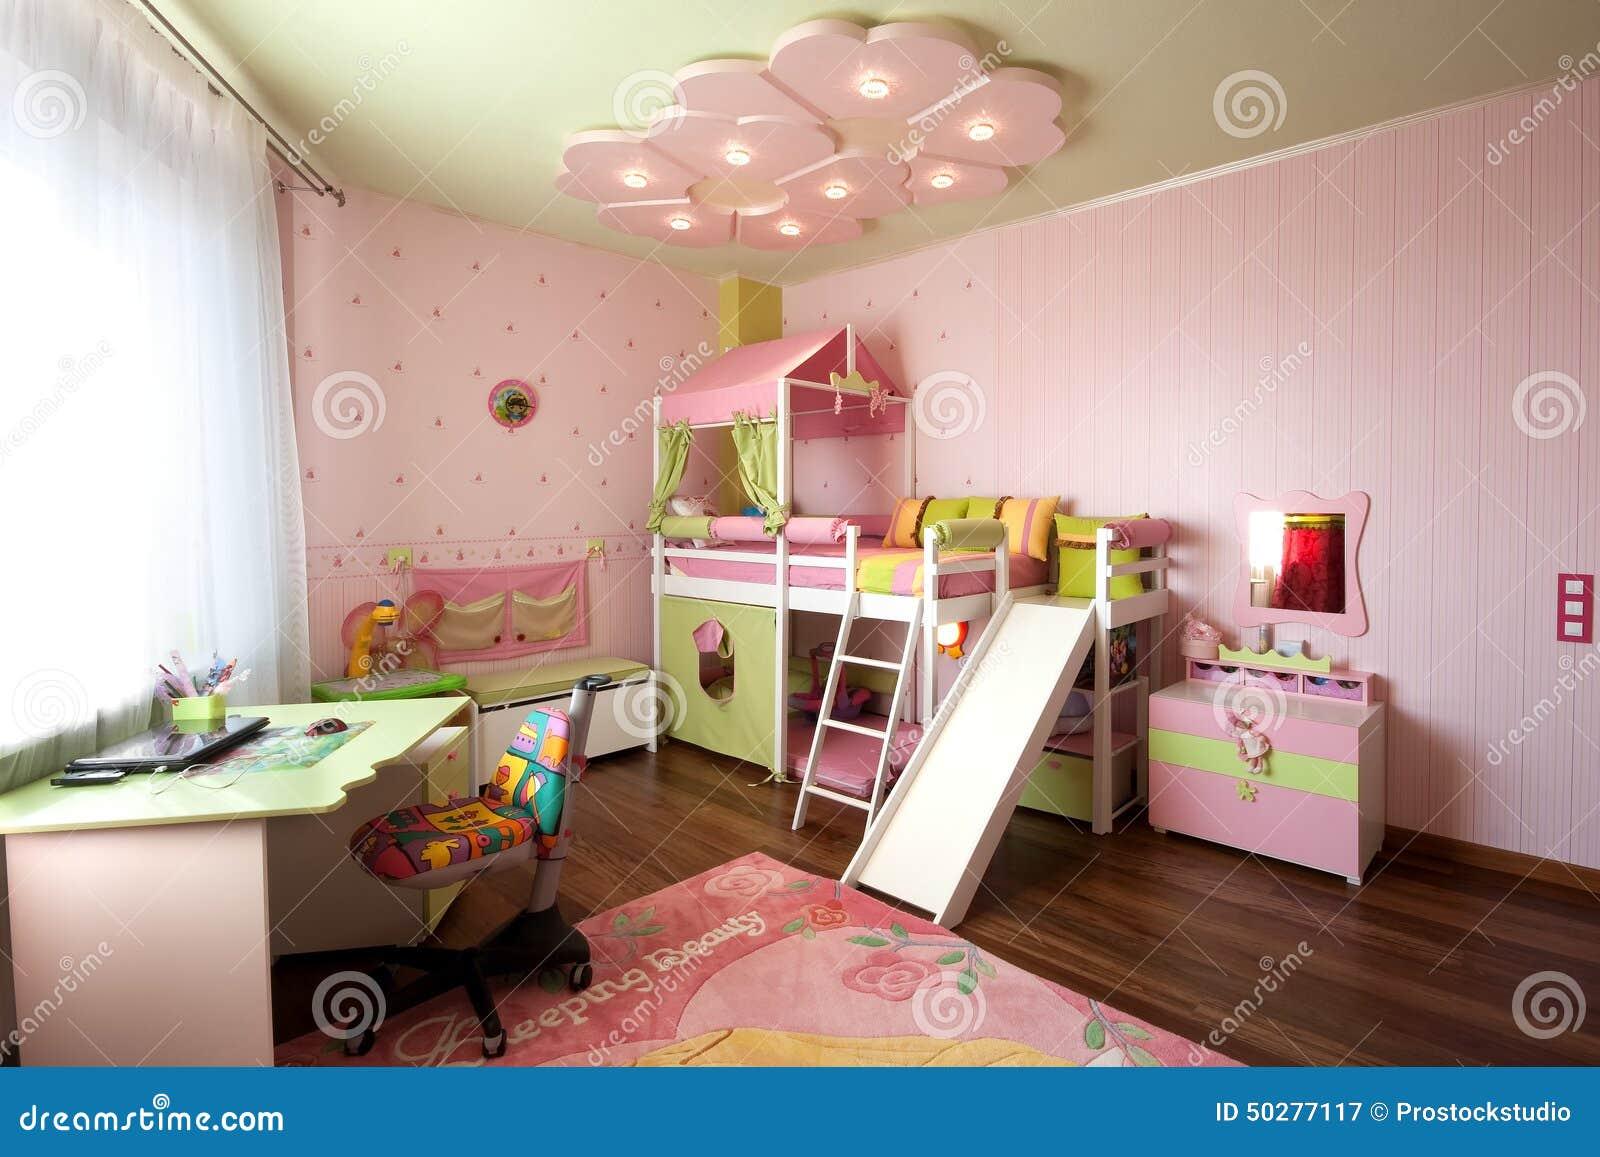 Conception moderne d'un intérieur de chambre d'enfant dans des ...